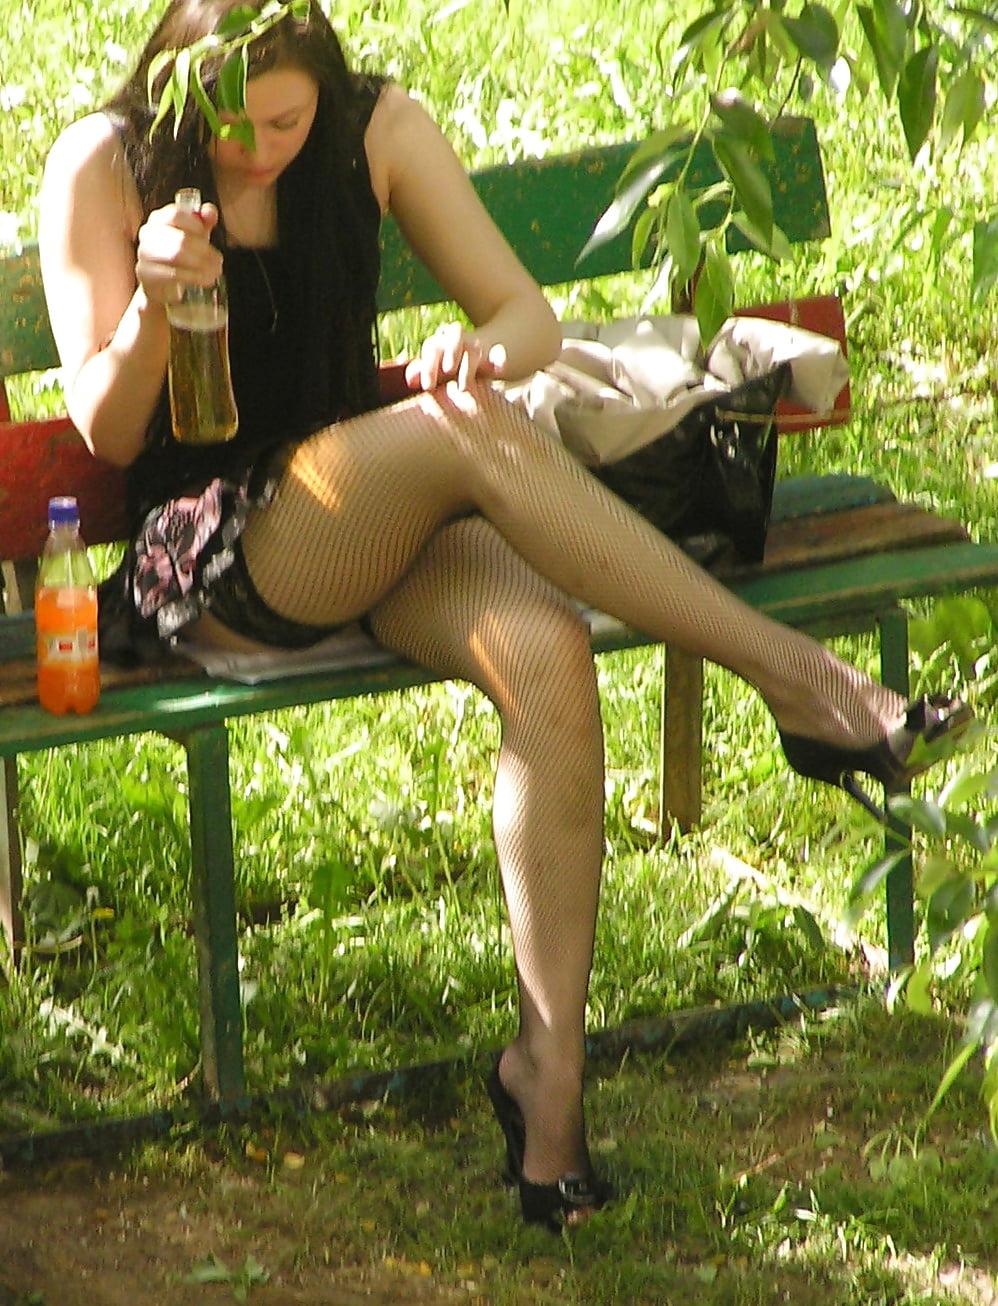 фото сексуальных девушек подглядывание мобильная версия - 7